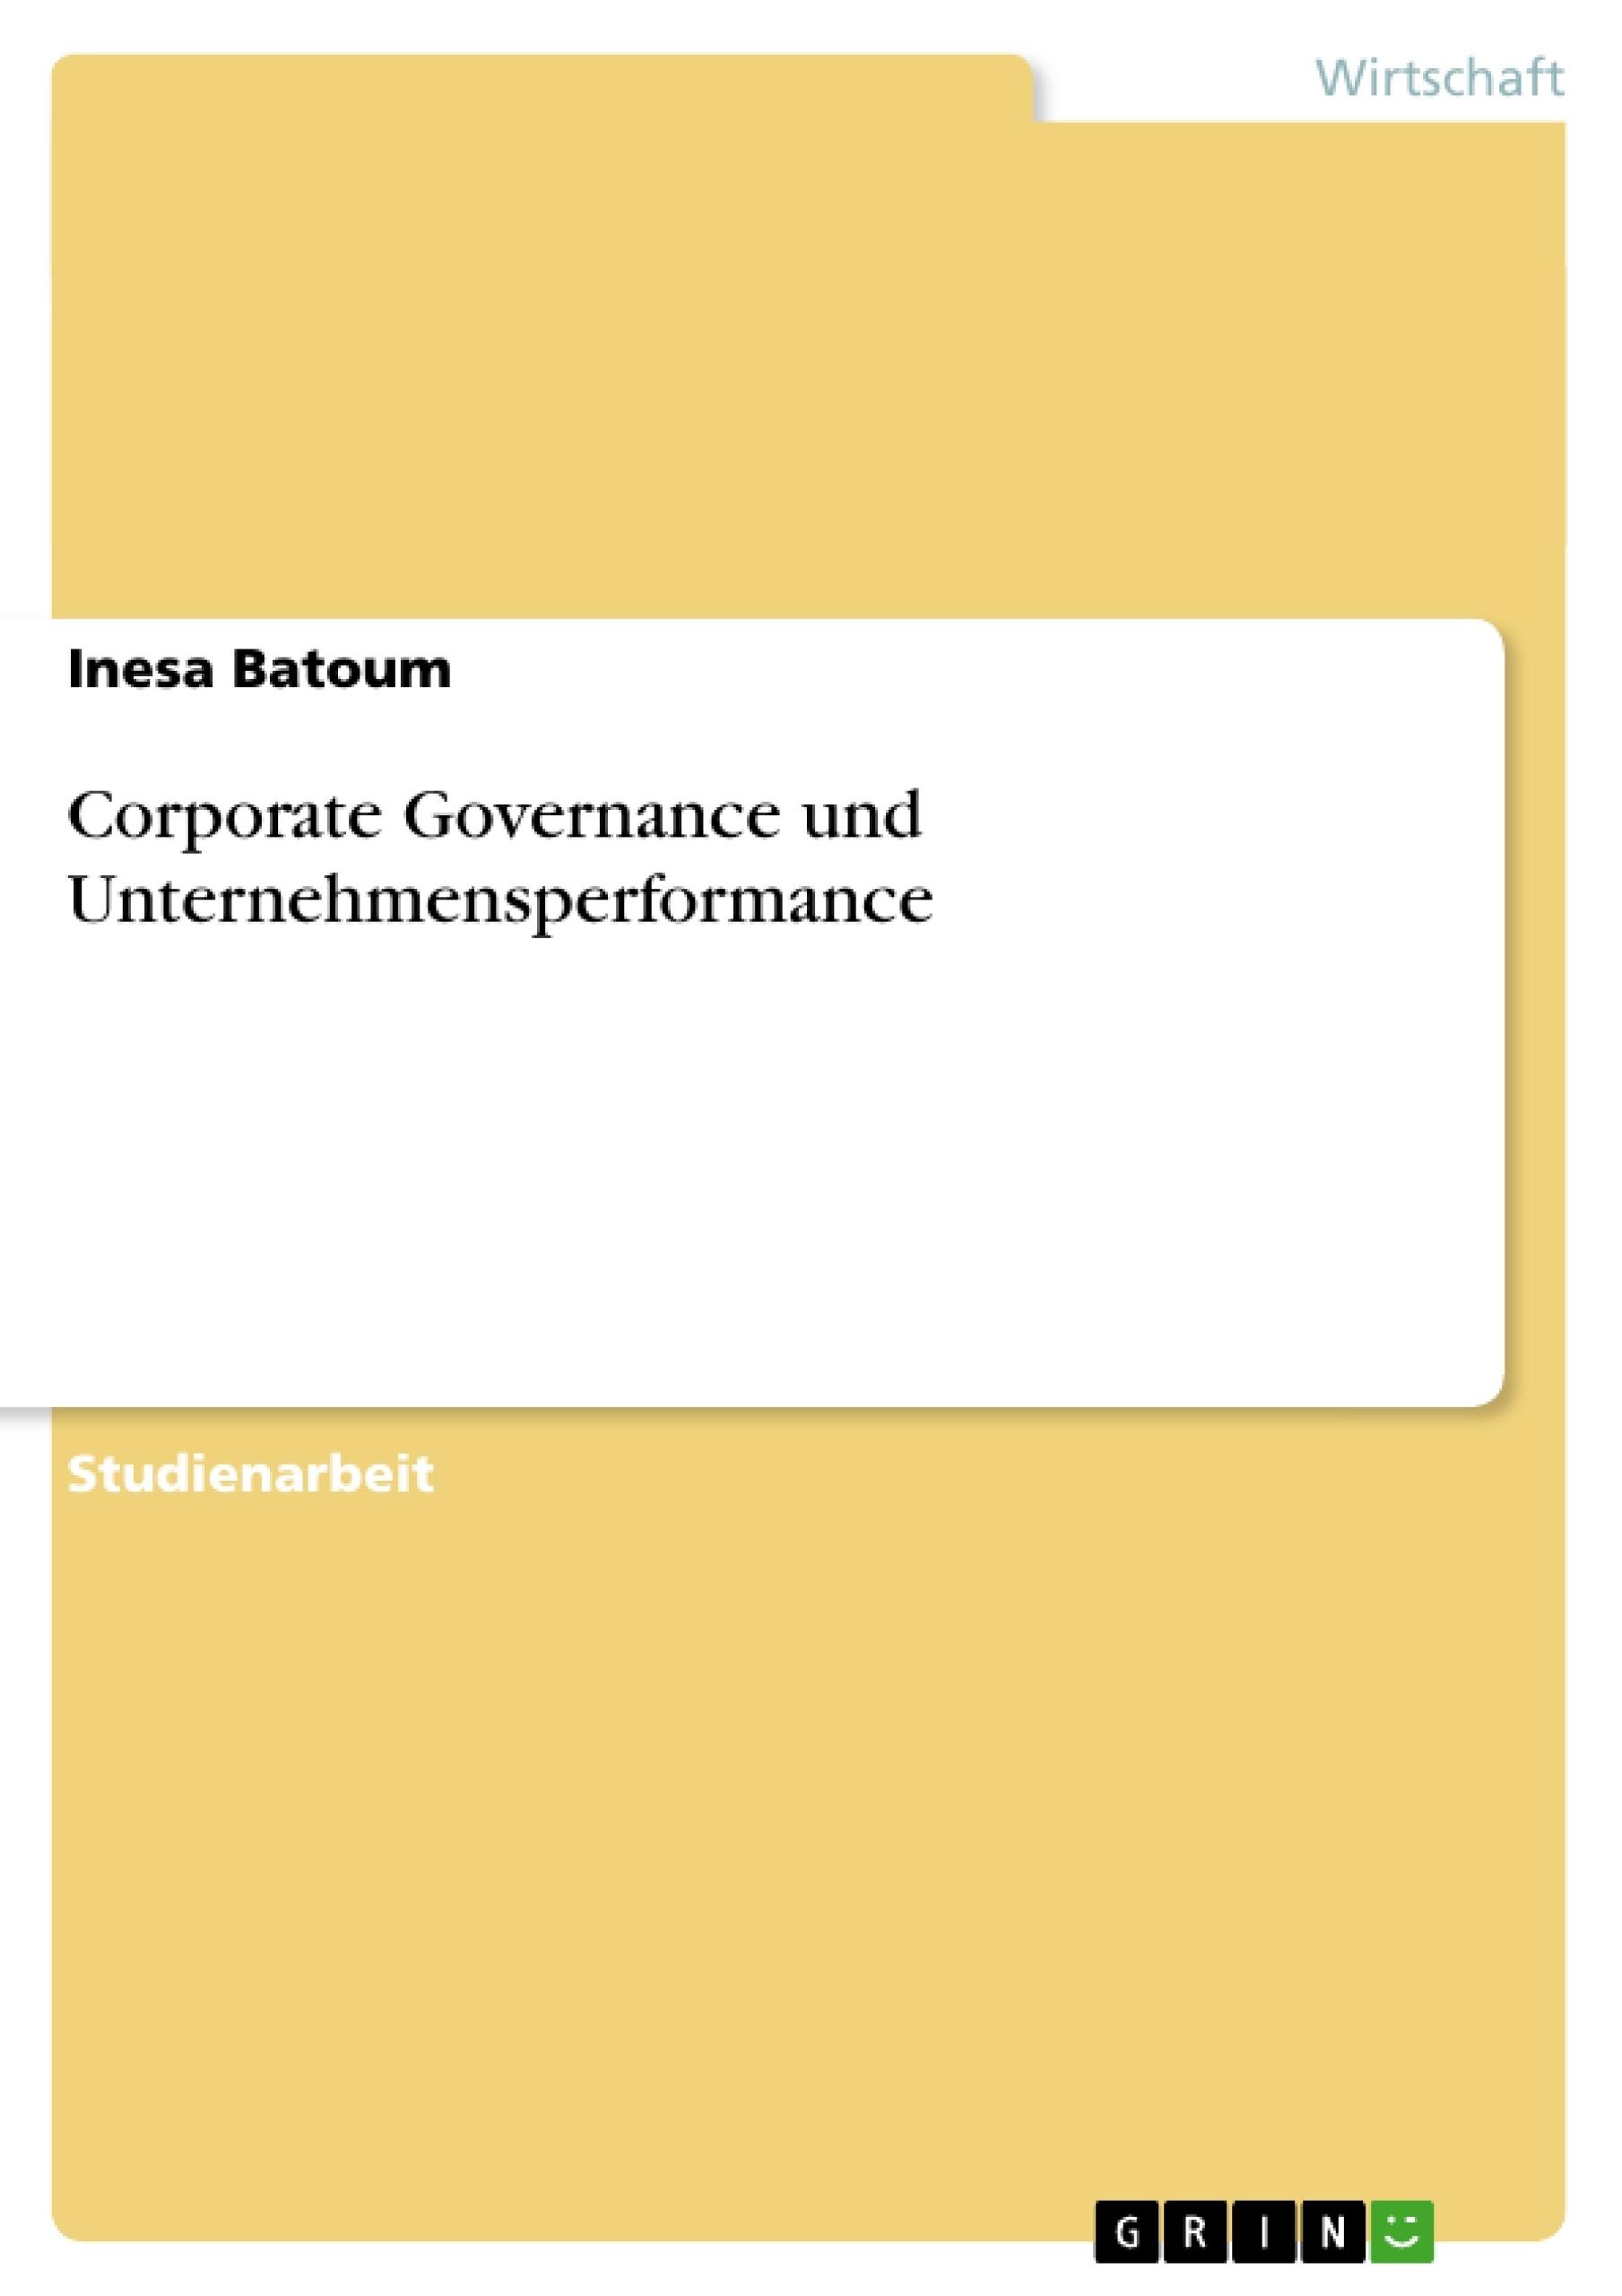 Titel: Corporate Governance und Unternehmensperformance